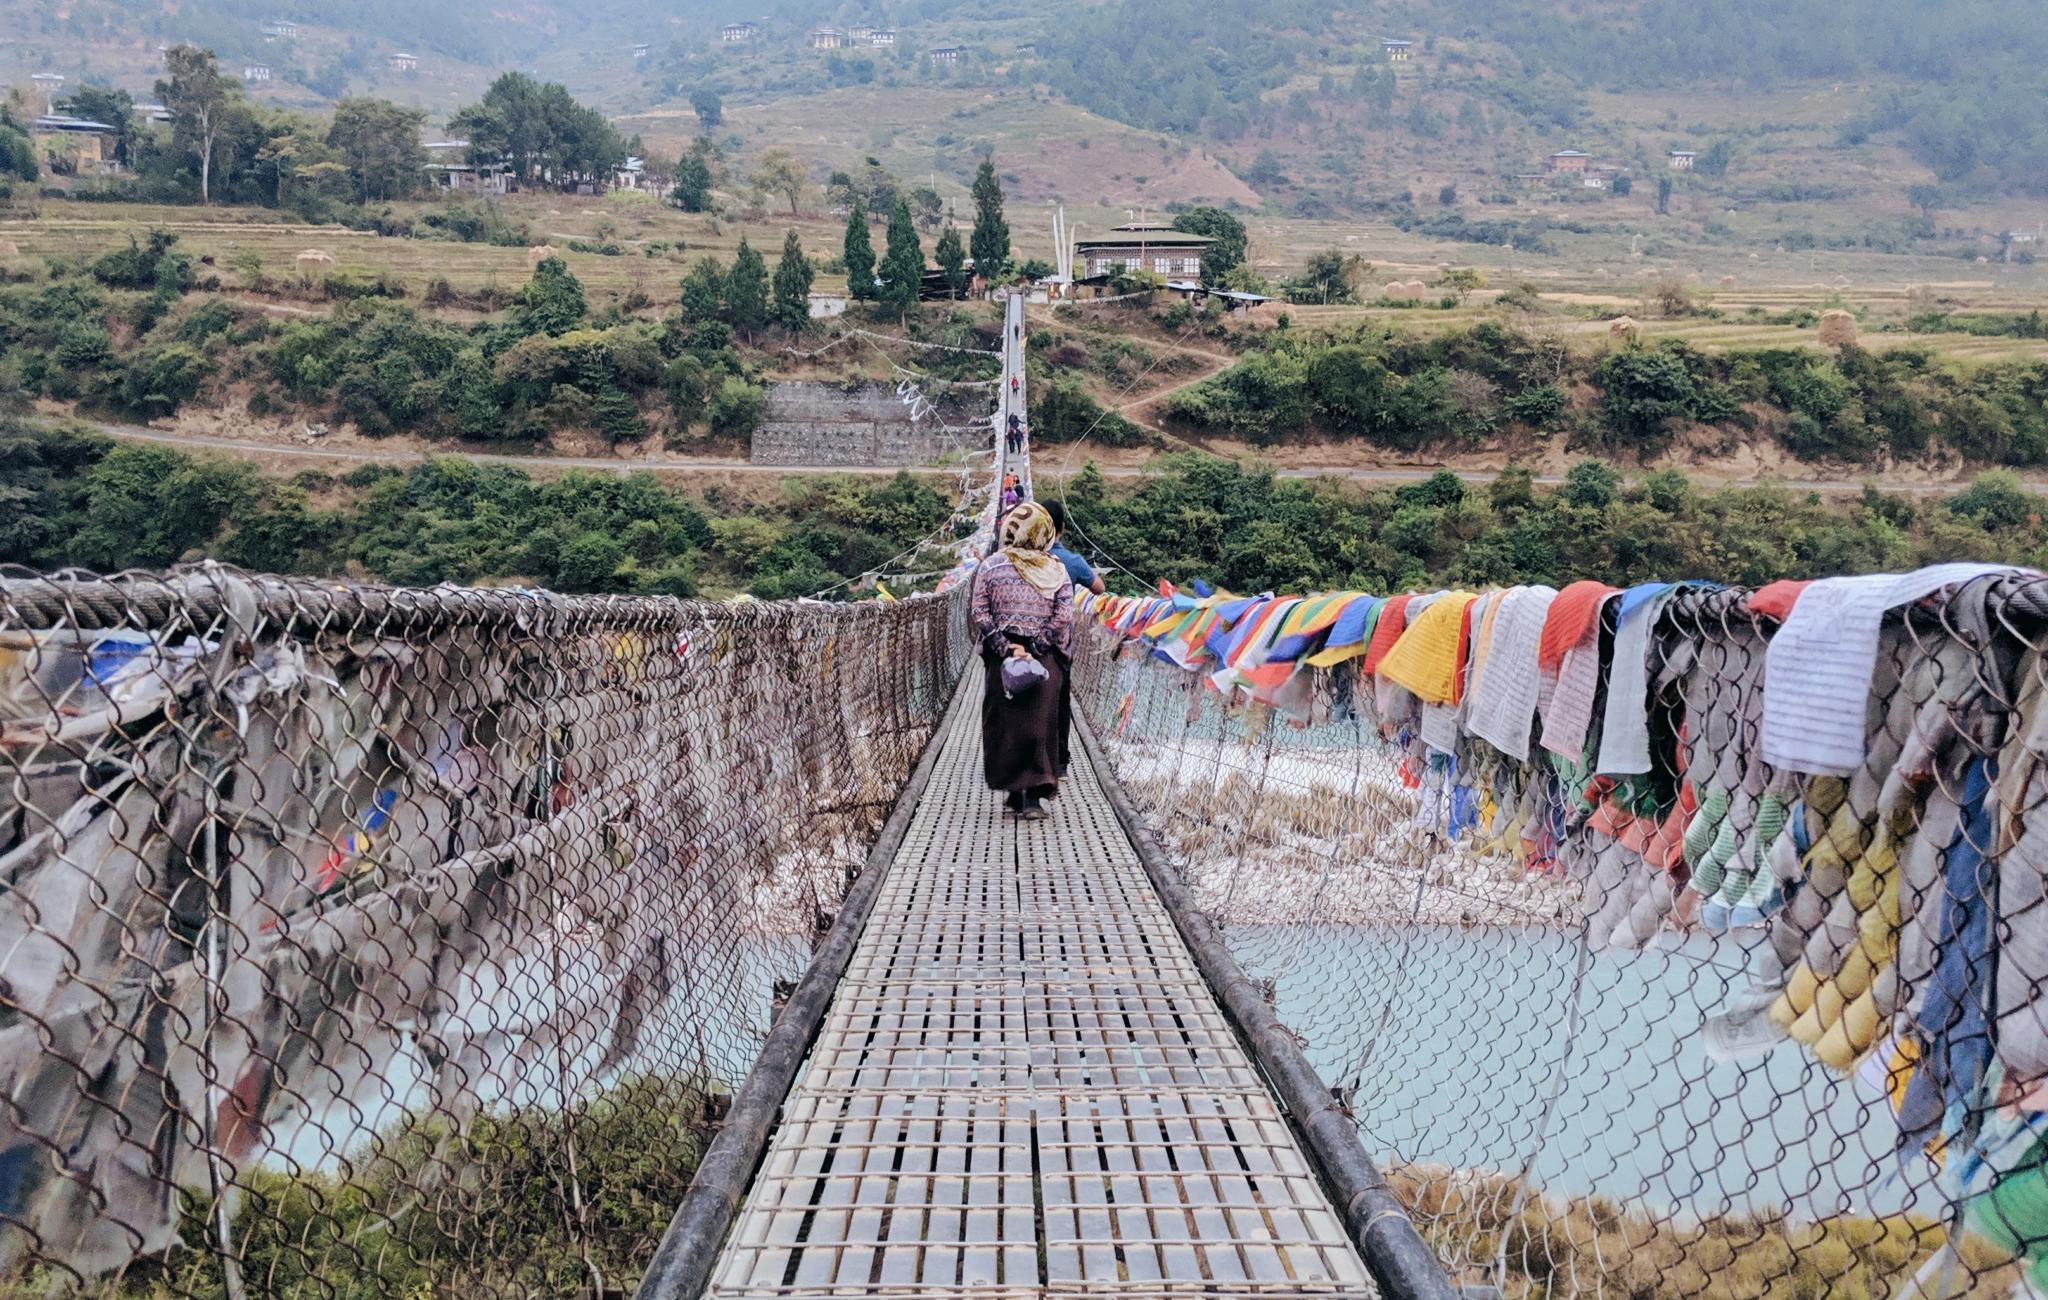 image of a suspension bridge in Bhutan